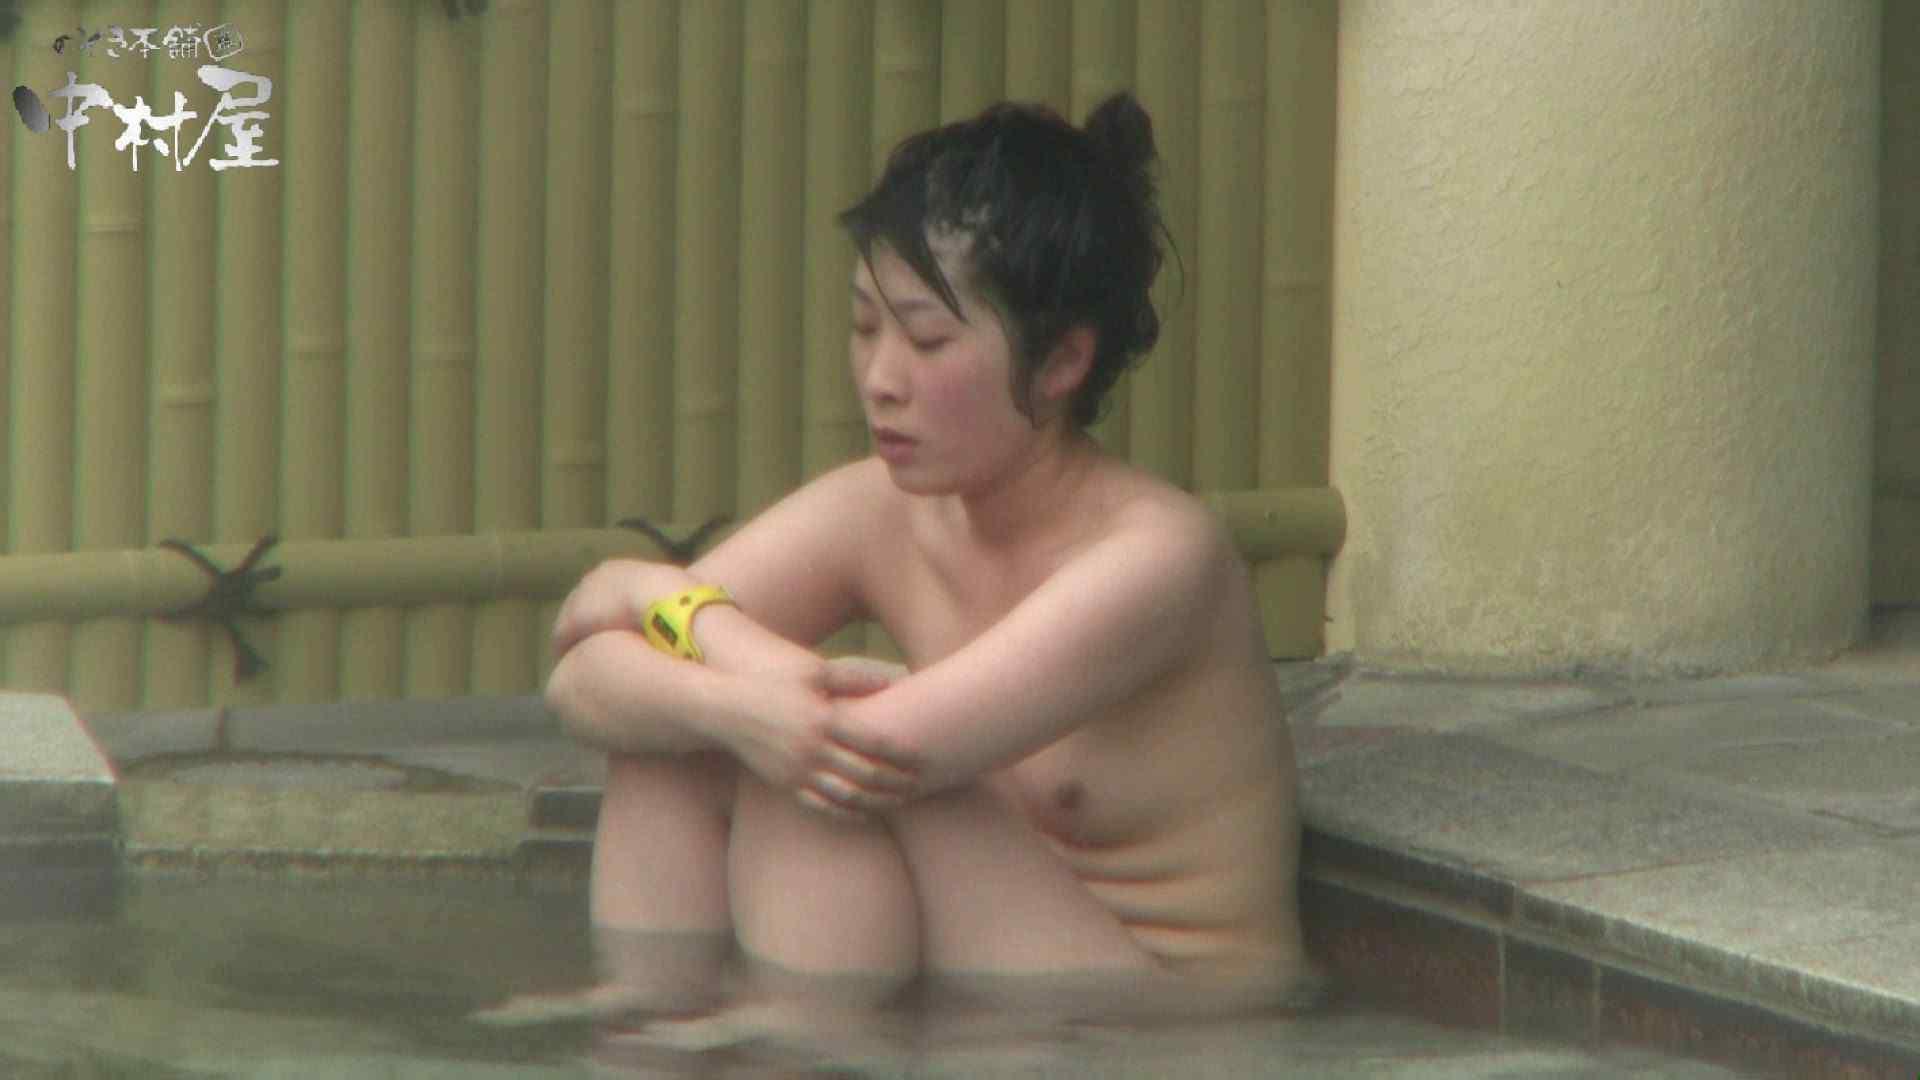 Aquaな露天風呂Vol.955 美しいOLの裸体 エロ無料画像 85pic 50